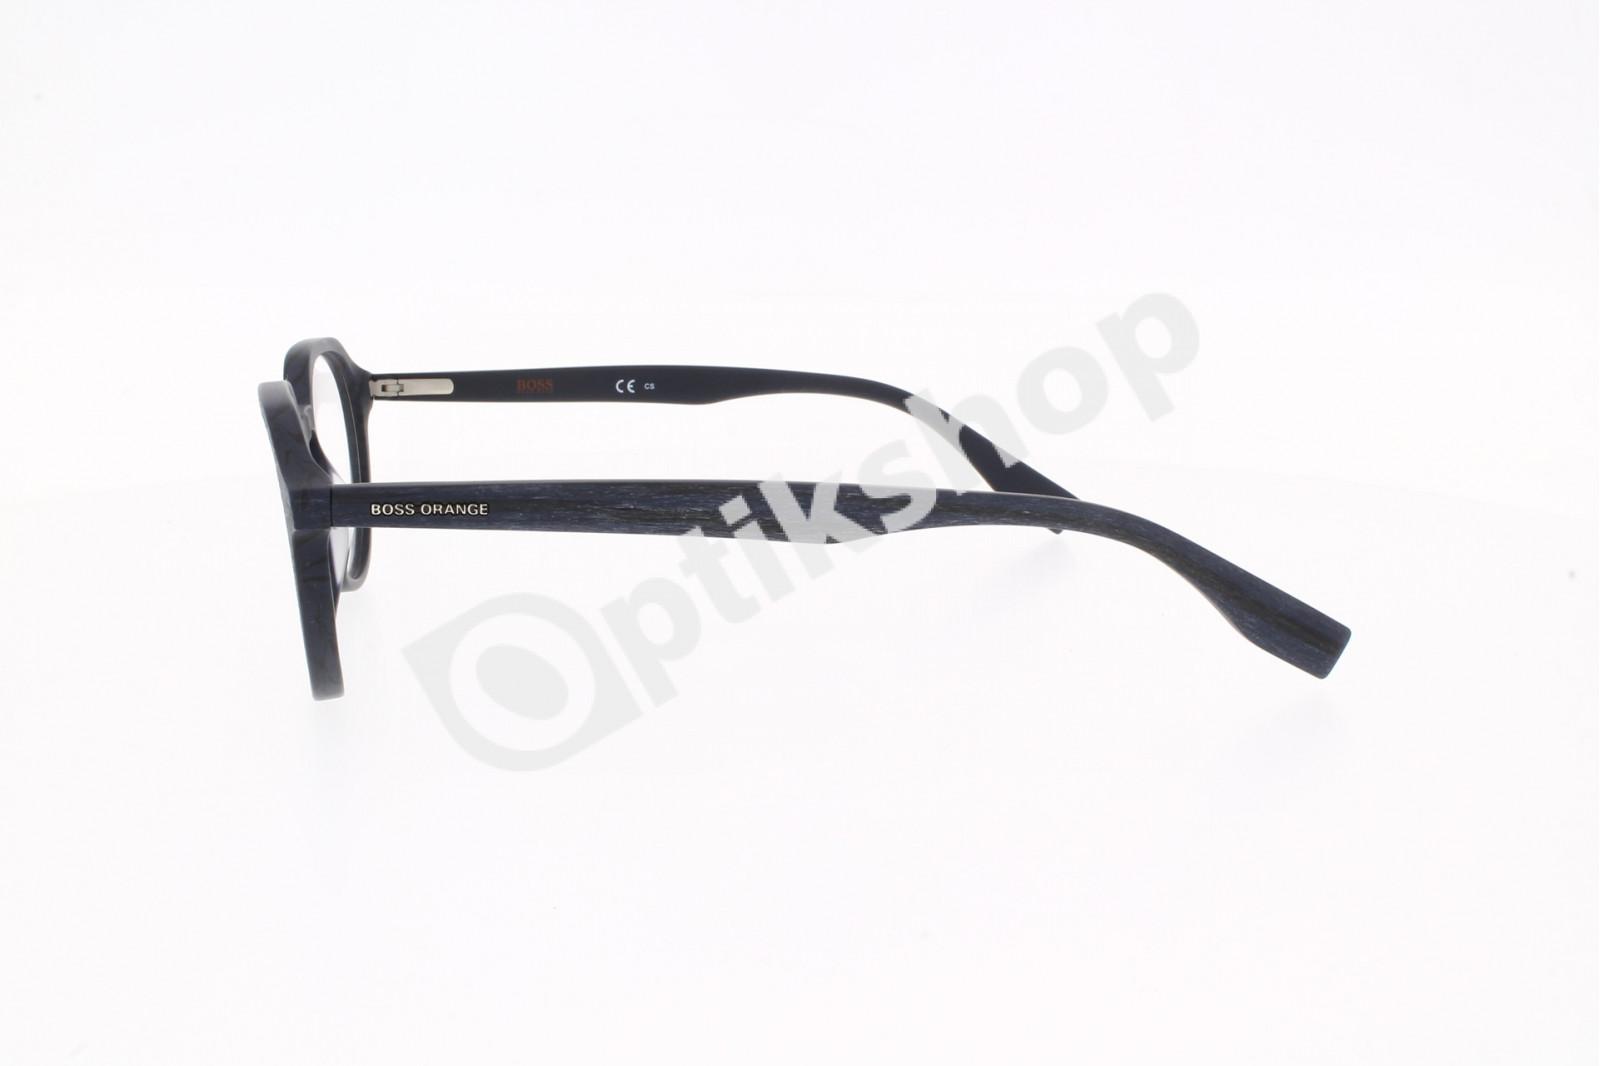 Hugo Boss szemüveg  Hugo Boss szemüveg  Hugo Boss szemüveg 9ab147c255